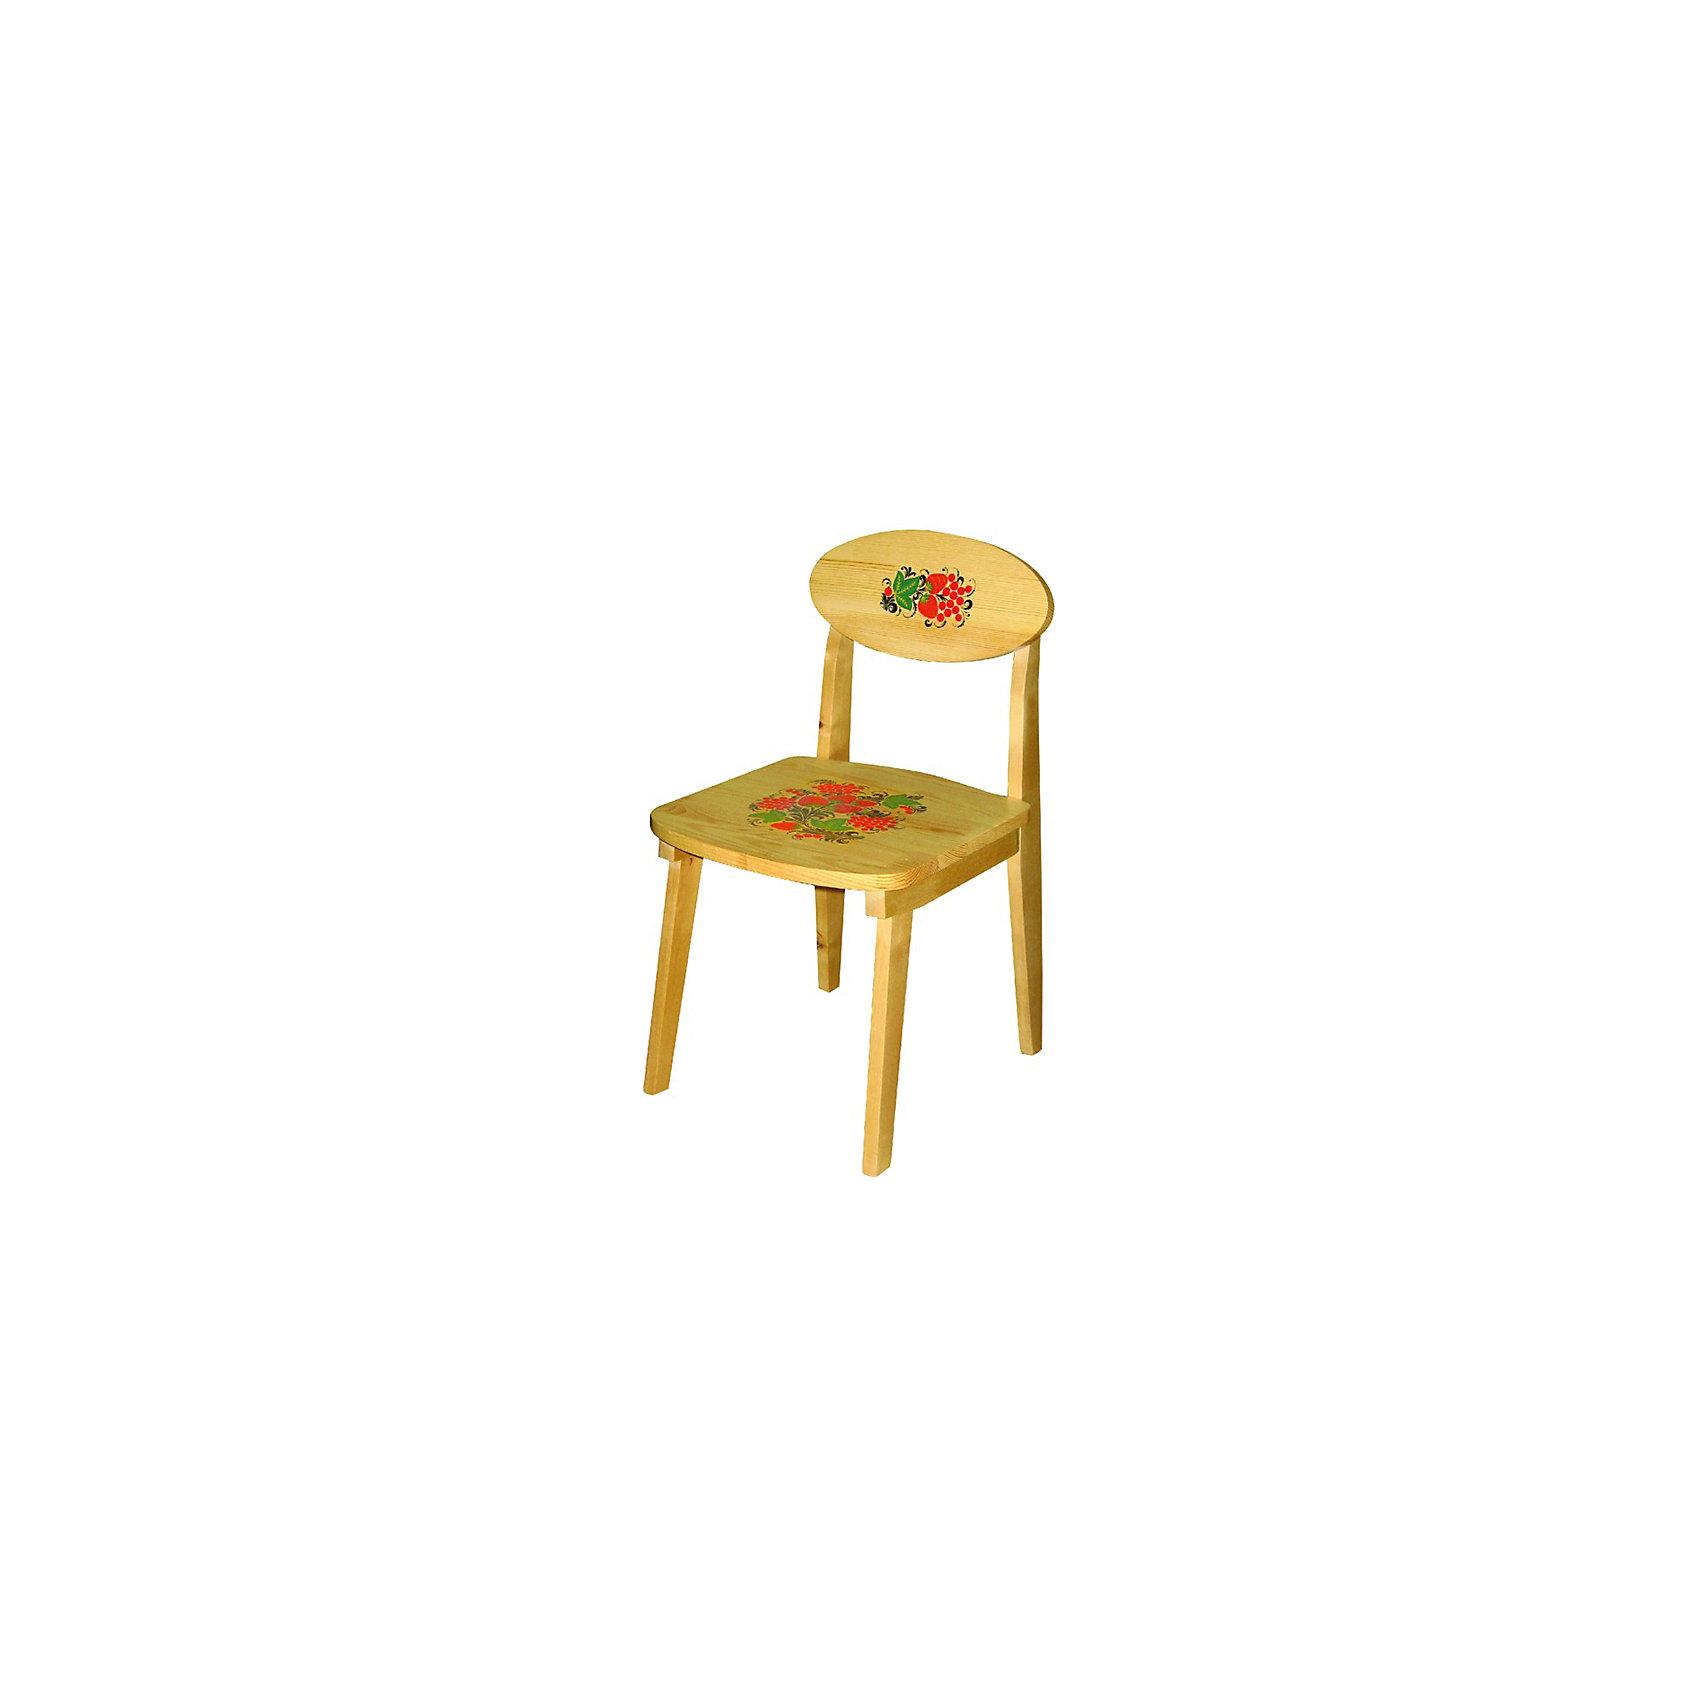 Стул с росписьюМебель<br>Такой сказочный стульчик был практически у каждого в детстве, так пусть и вашего ребенка радует!<br>Яркий красочный стульчик прекрасно подойдет к столу, выполненному в такой же стилистике. Роспись сделана по золотому фону традиционными красным и коричневыми цветами. Стул изготовлен из дерева, пропитан льняным маслом и покрыт росписью и безвредным для ребенка лаком. Стул очень прочный и устойчивый, покрытие закалено при особом температурном режиме и не будет отслаиваться или облупливаться при частой влажной уборке.<br><br>Дополнительная информация:<br><br>- Возраст: от 6 мес.<br>- Материал: дерево.<br>- Цвет: орнамент - Хохломская роспись .<br>- Параметры стола: Высота: 50 см.<br>                                      Сидение: 30х29 см.<br><br>Детский стул с росписью можно купить в нашем магазине.<br><br>Ширина мм: 500<br>Глубина мм: 120<br>Высота мм: 300<br>Вес г: 2000<br>Возраст от месяцев: 24<br>Возраст до месяцев: 84<br>Пол: Унисекс<br>Возраст: Детский<br>SKU: 4718385